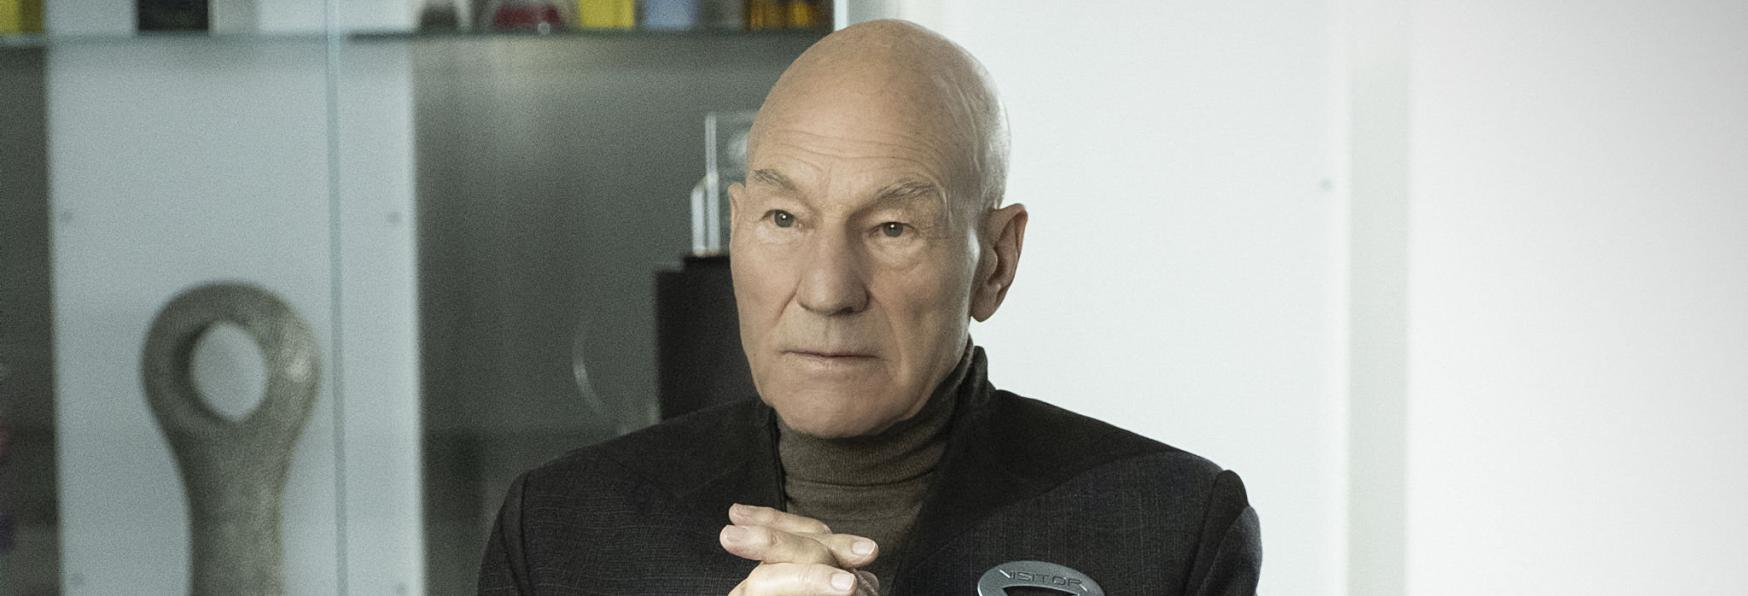 Star Trek: Picard - Un nuovo Trailer che svela cosa attenderci nel resto della Stagione